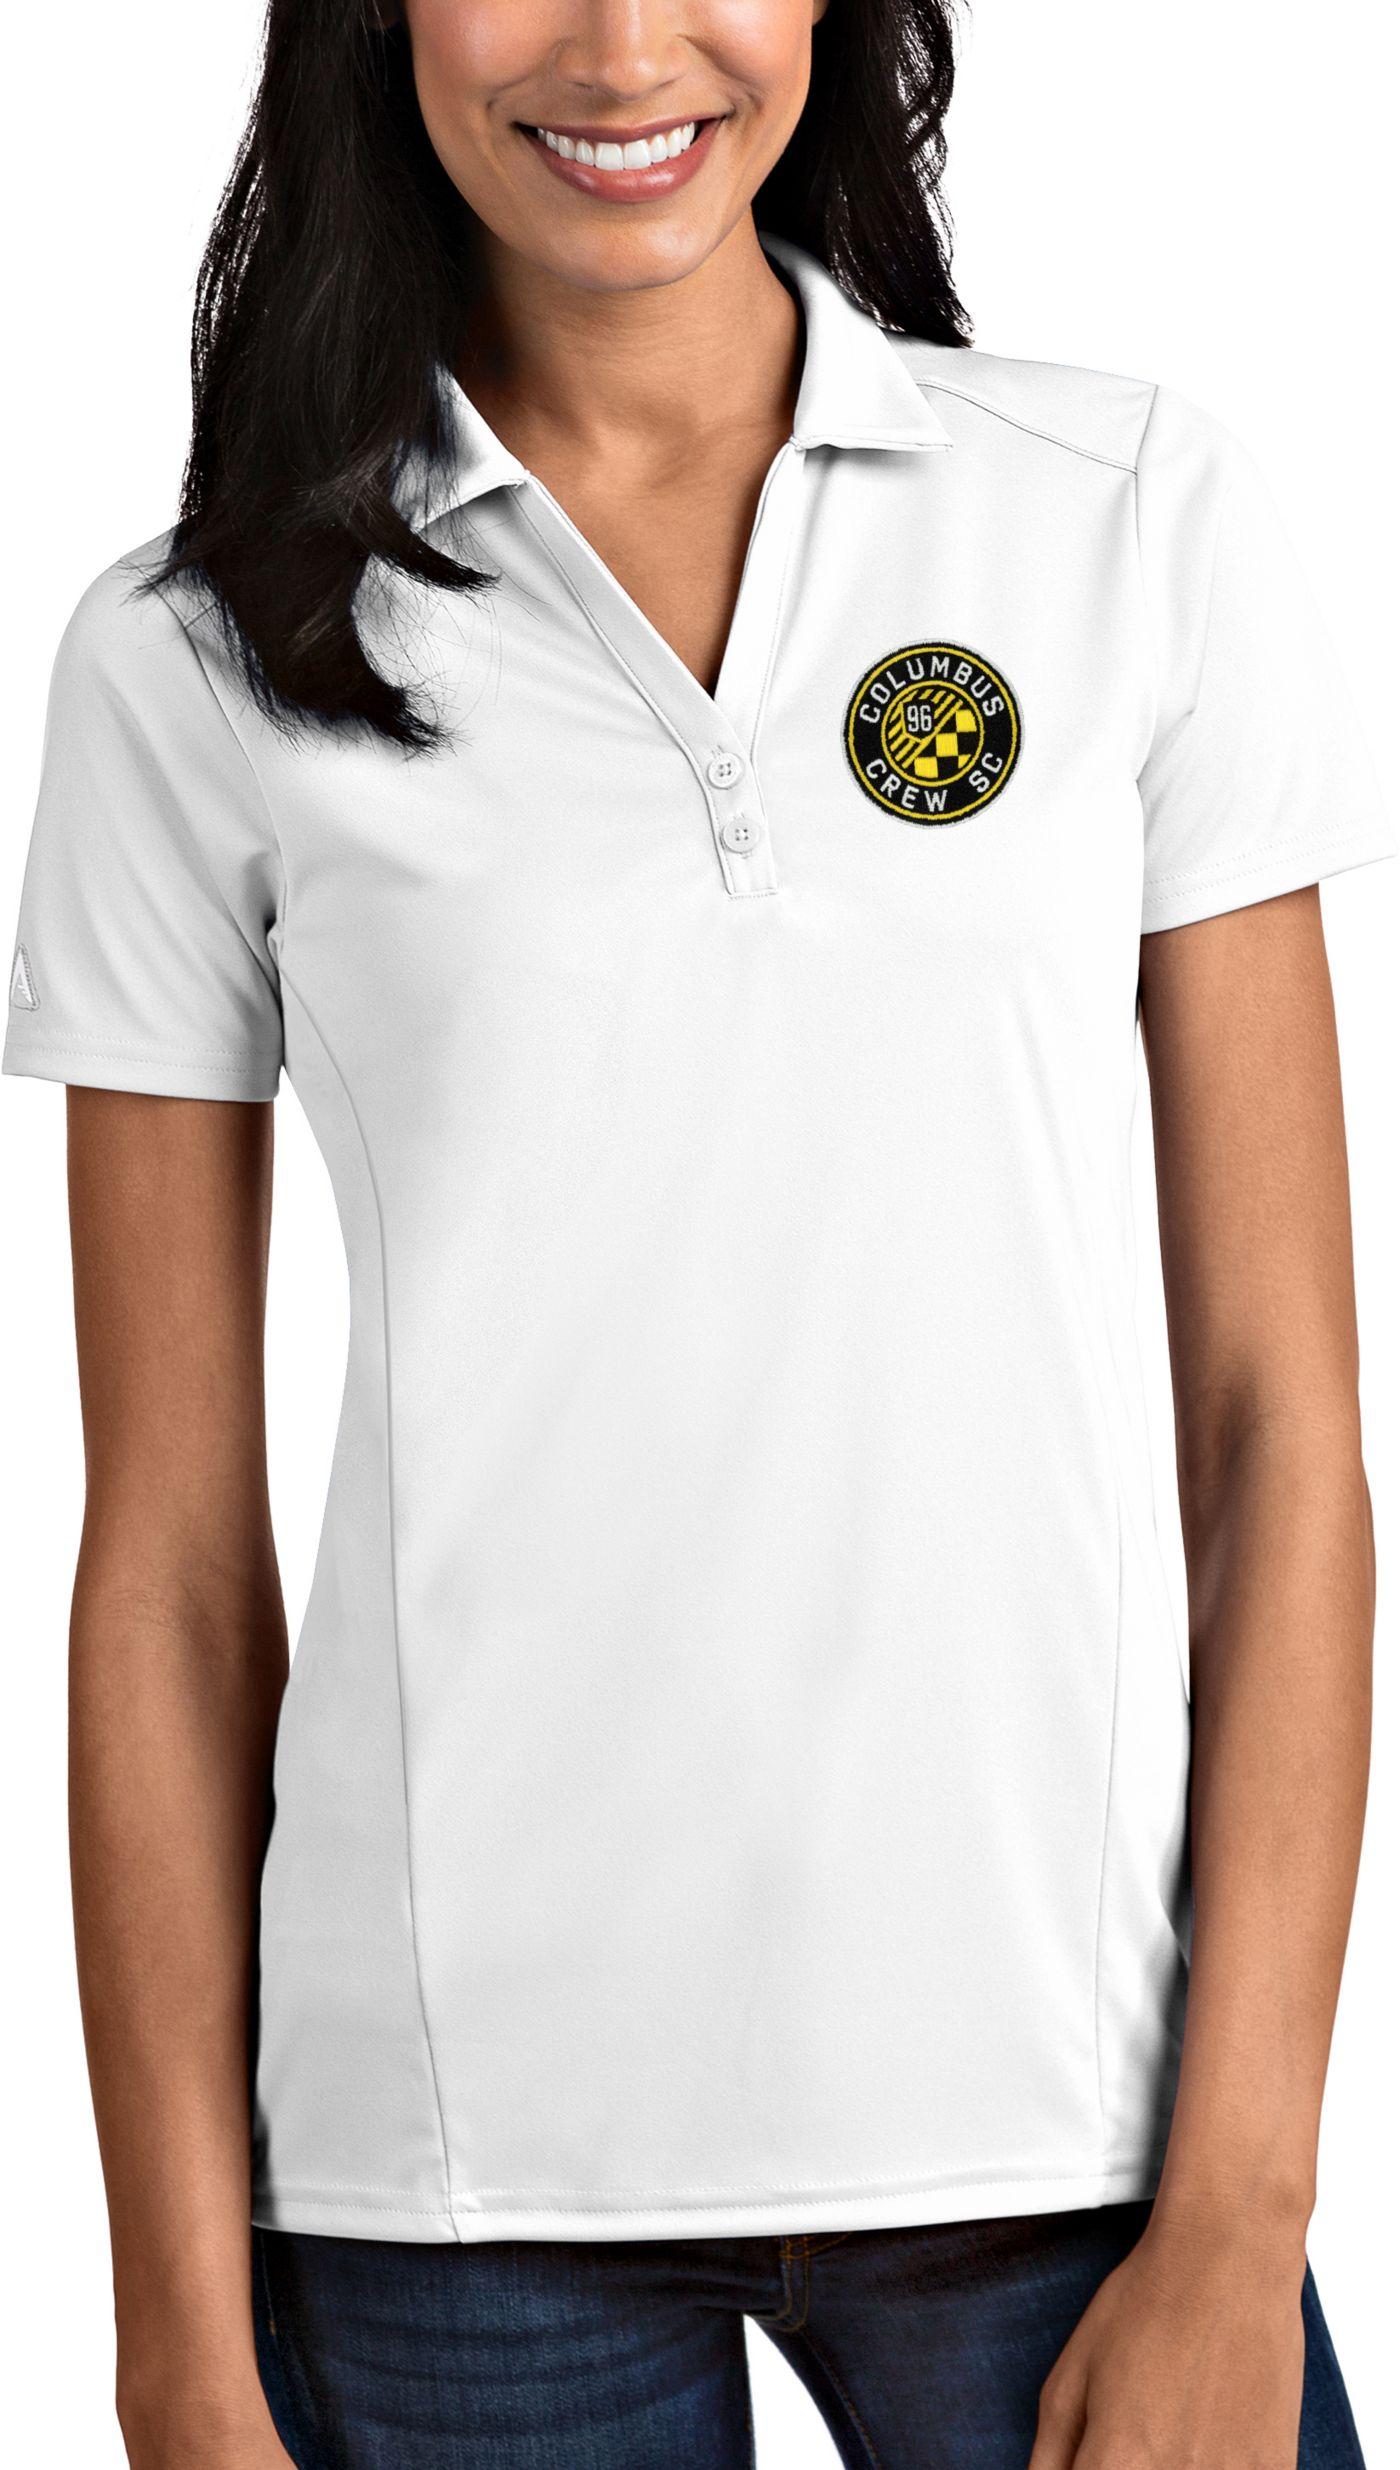 Antigua Women's Columbus Crew Tribute White Polo